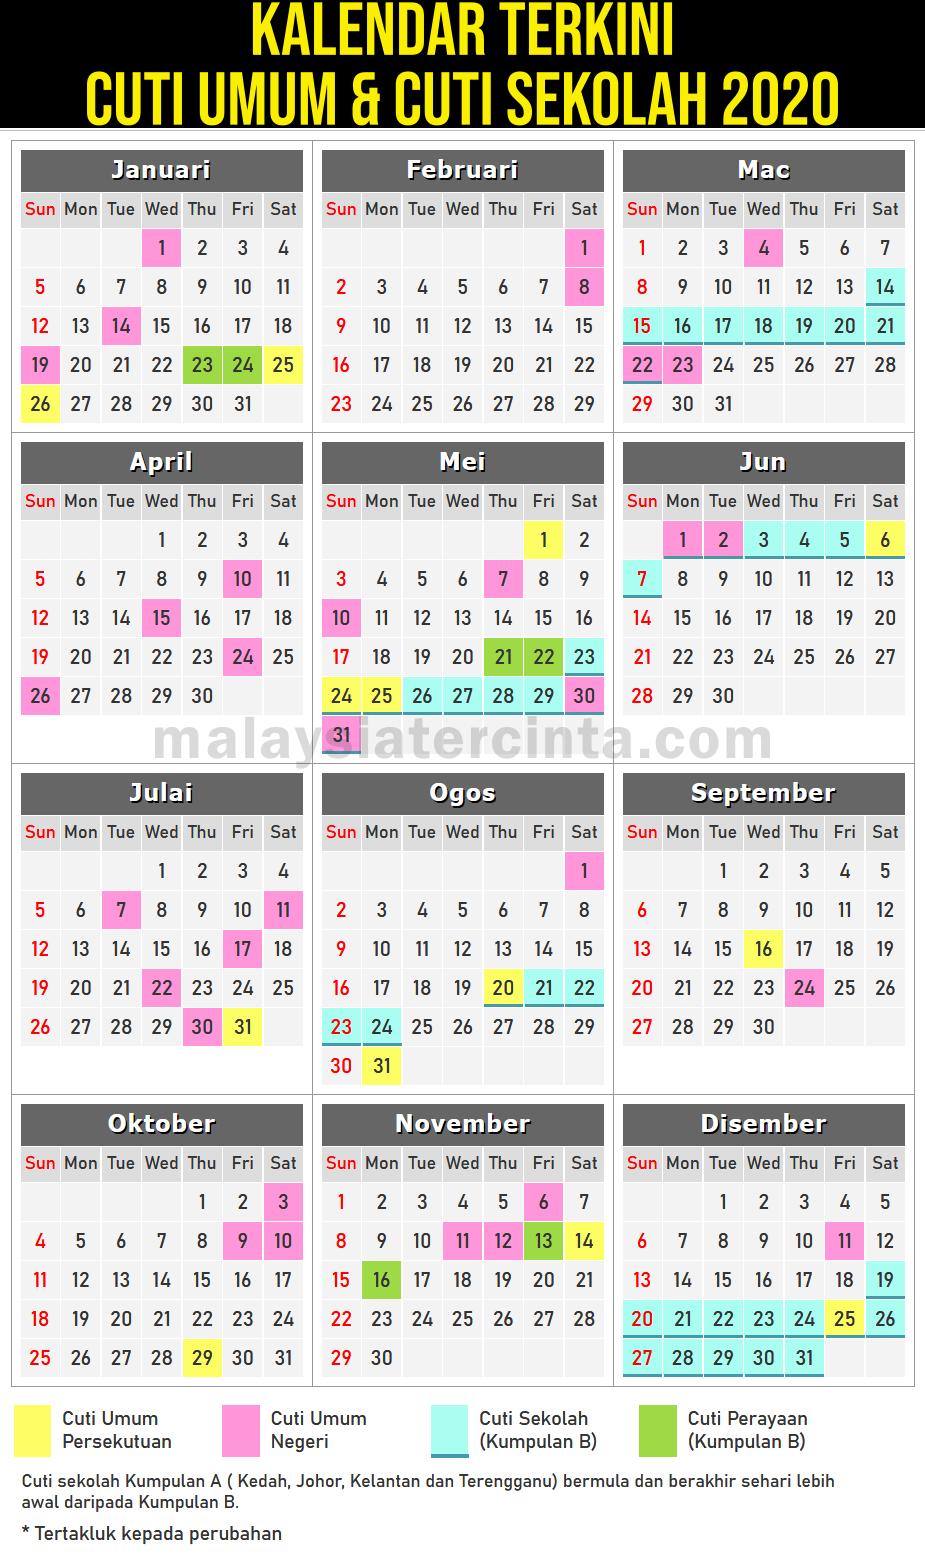 kalendar cuti umum dan cuti sekolah 2020